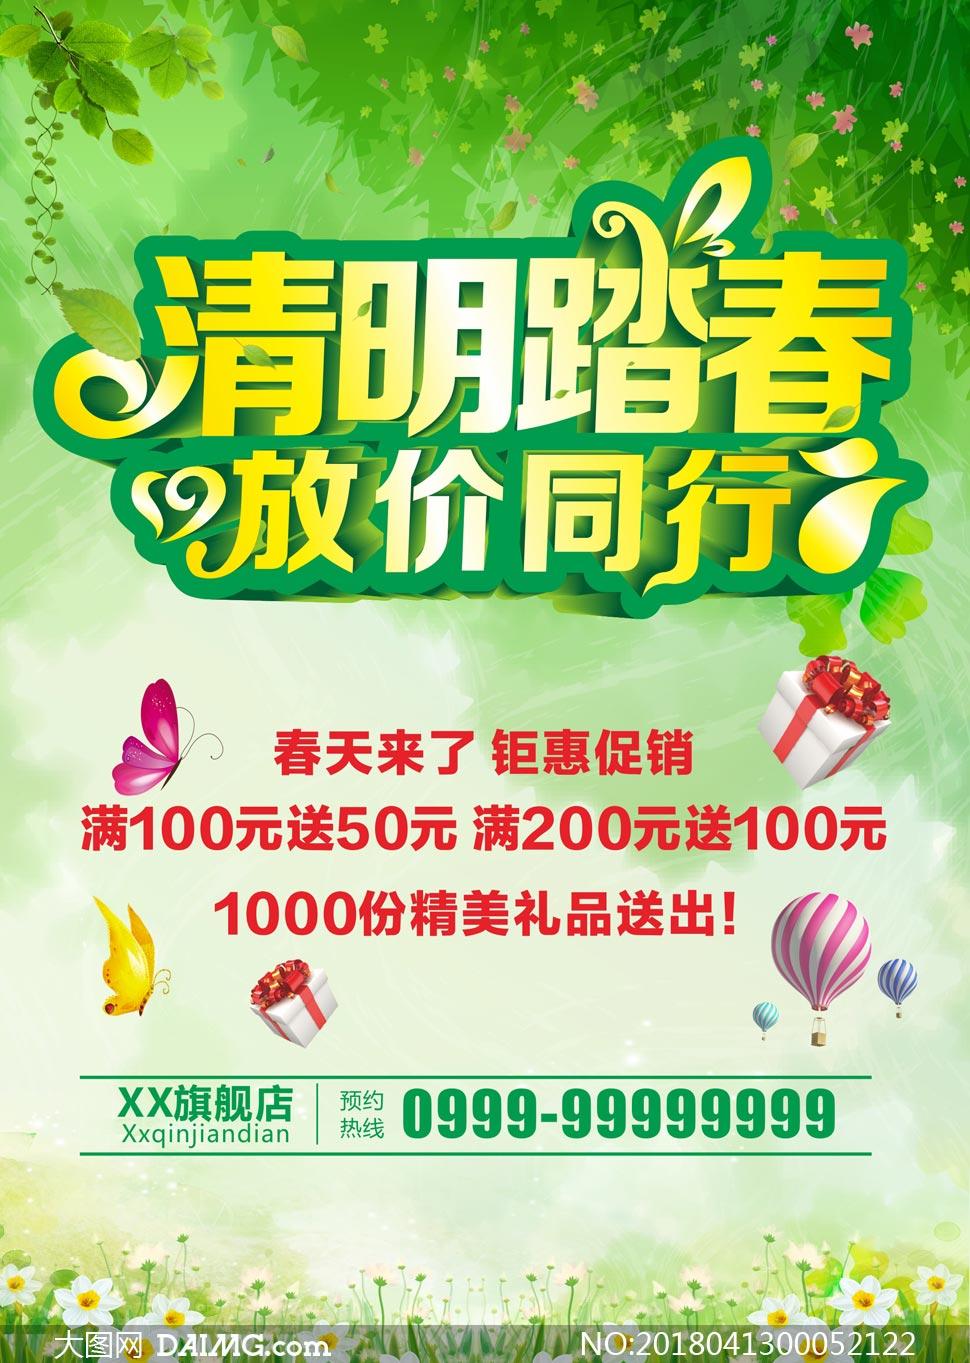 春季旅游踏青宣传海报设计矢量素材